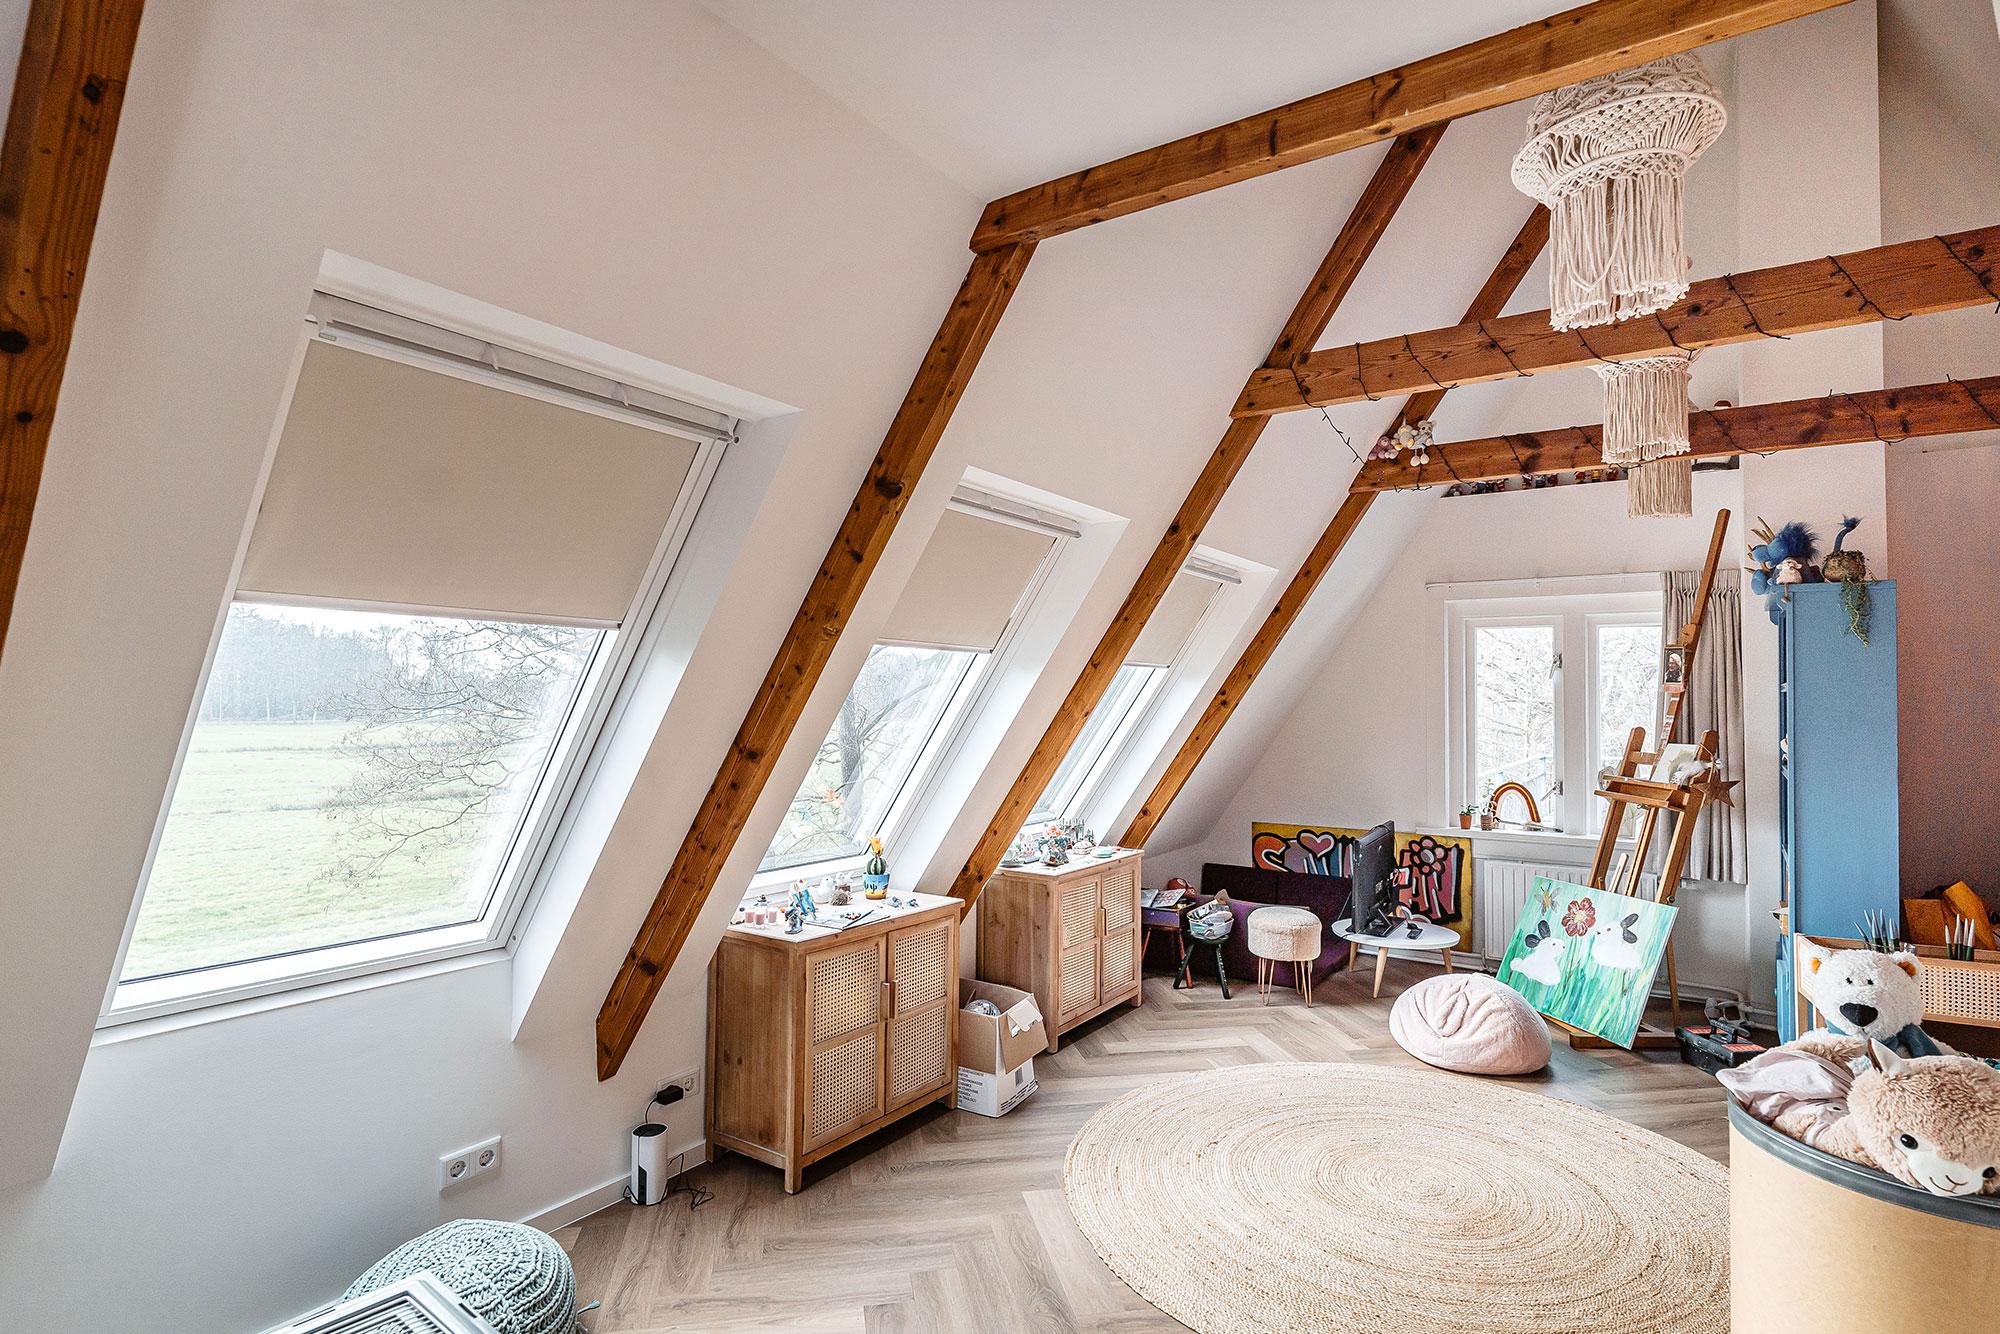 Verbouw slaapkamer